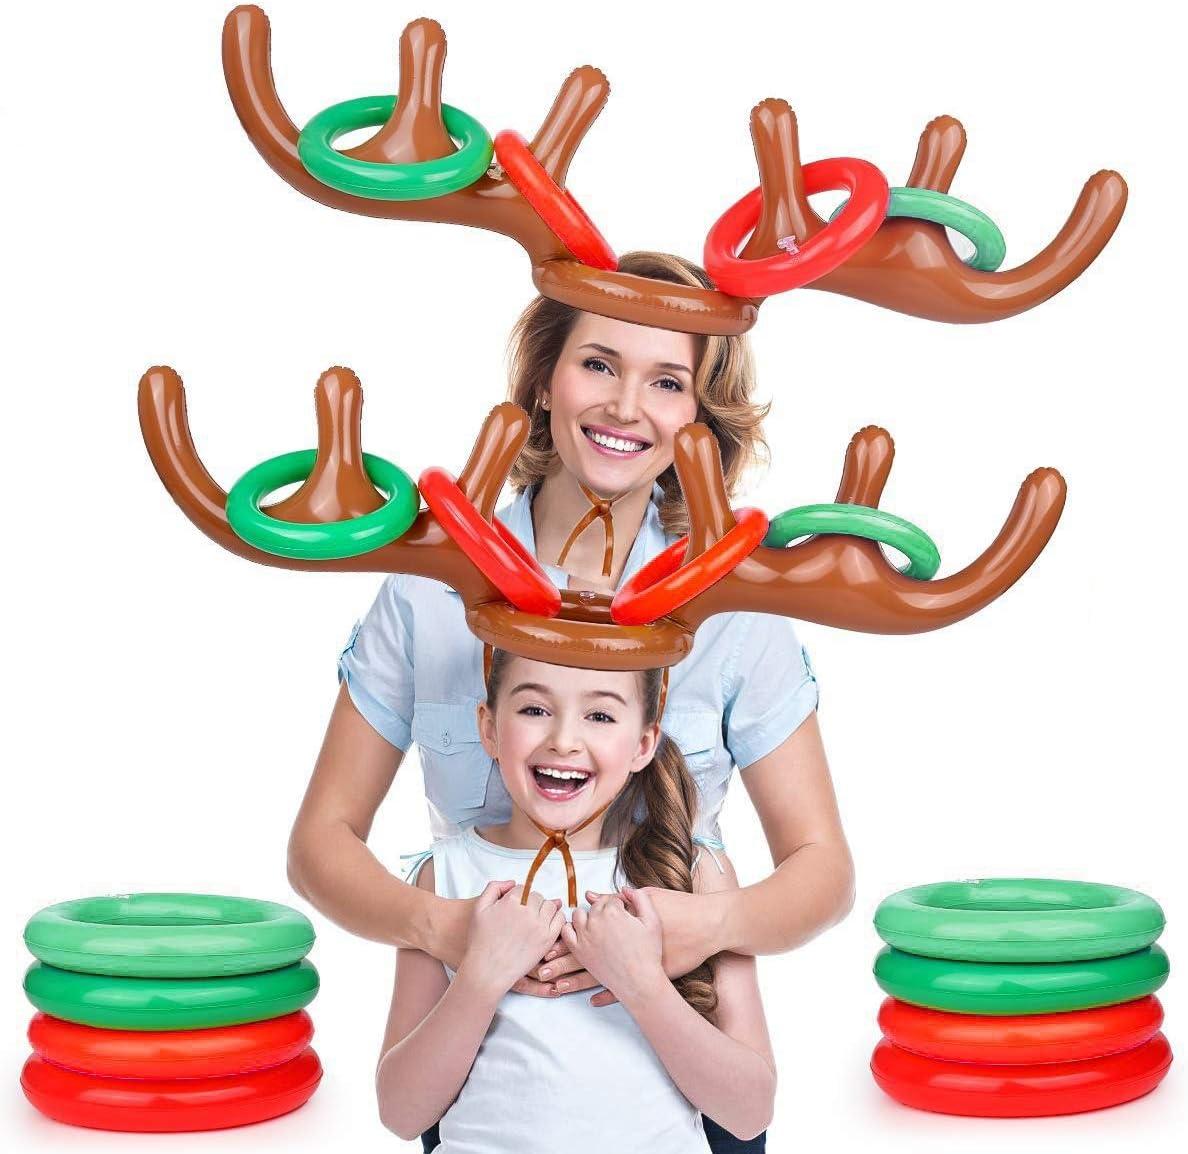 Gioco Gonfiabile Cappello di Corna di Renna con 12 Anelli di Lancio per Feste di Festa FORMIZON 2 Pezzi Renna Gonfiabile Natale Festa di Capodanno Giochi Divertenti